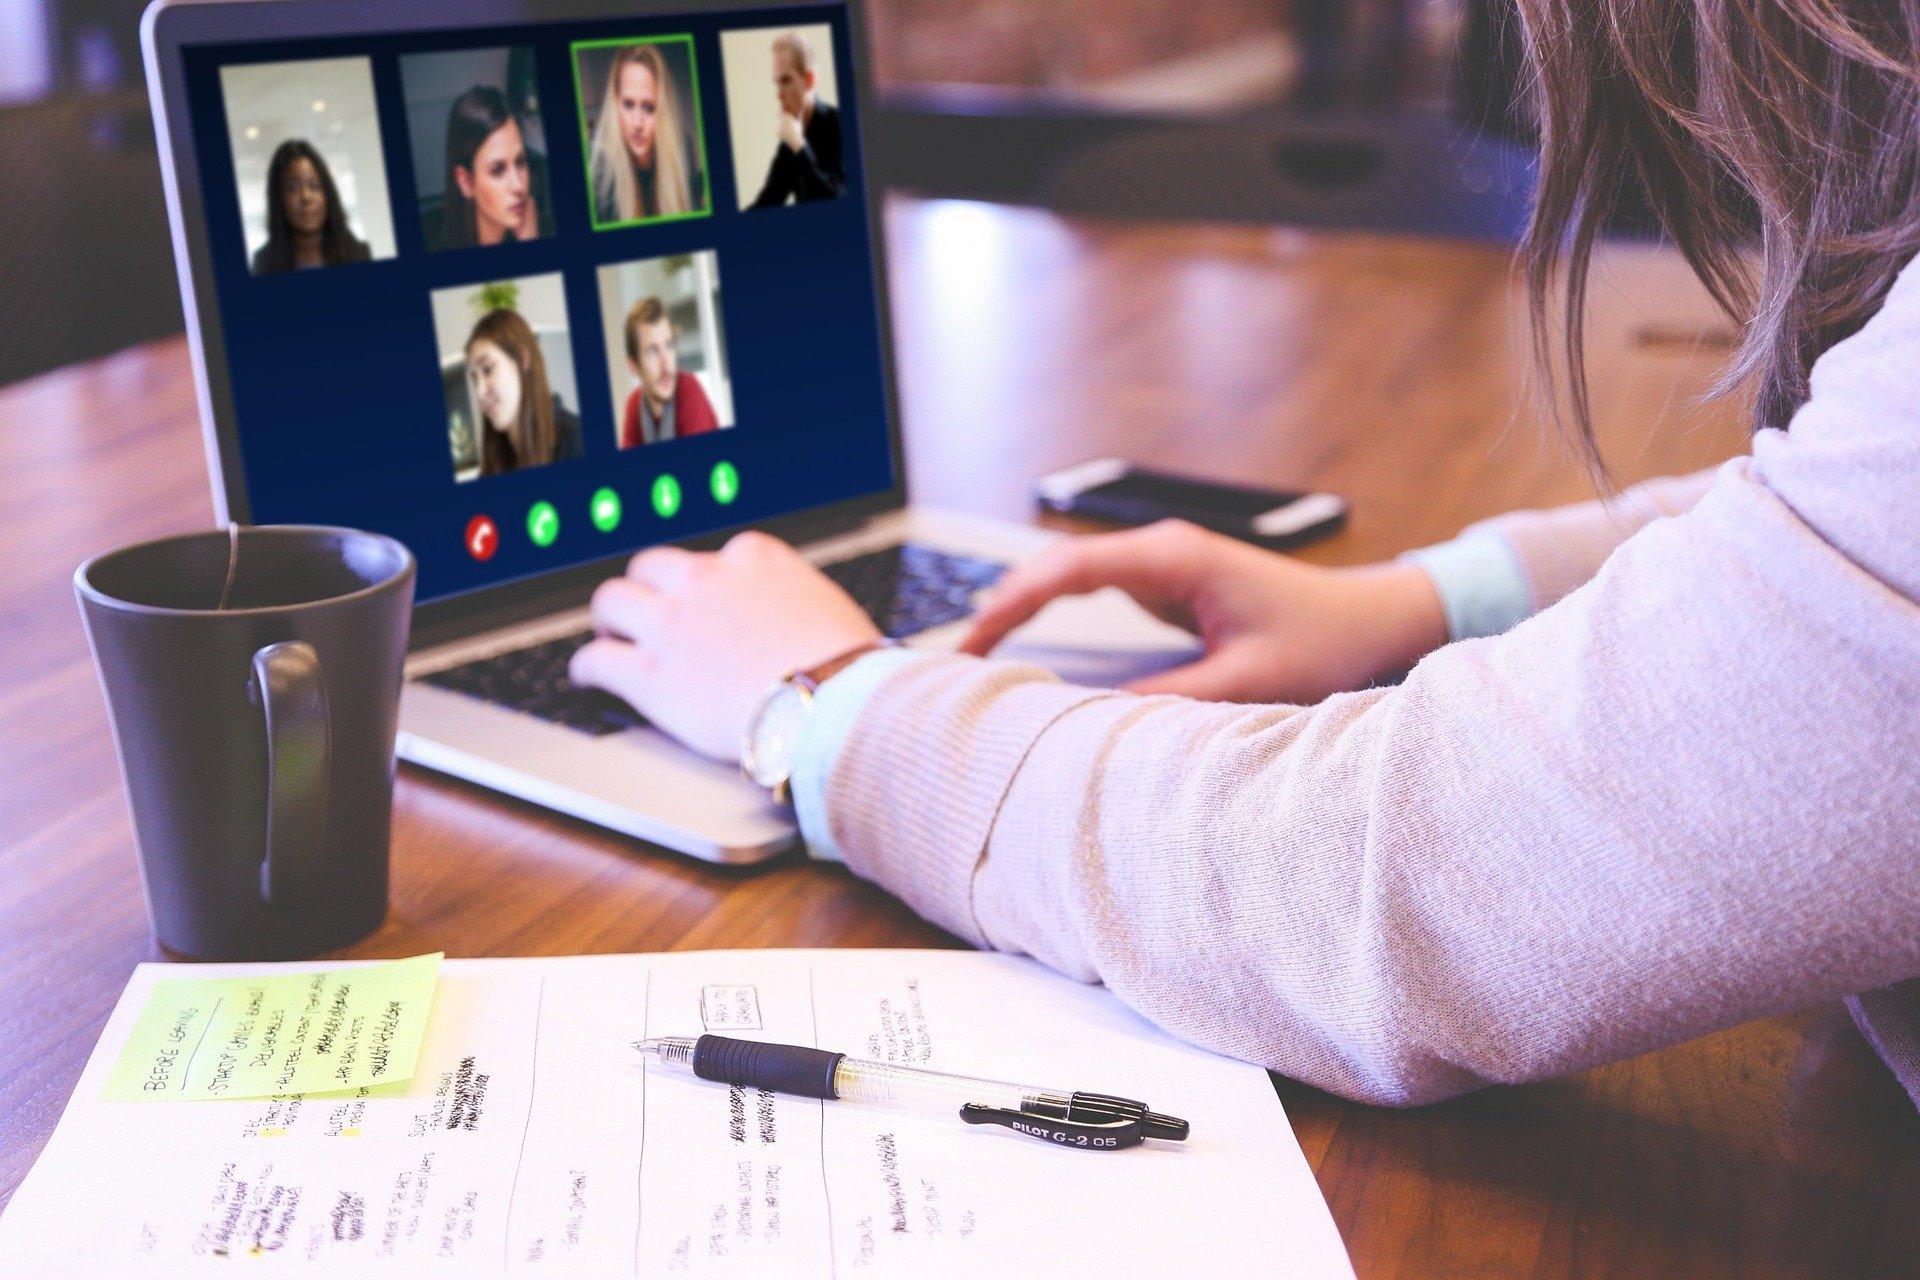 Ein Schreibtisch mit Unterlagen und einer Videokonferenz auf dem Laptop.